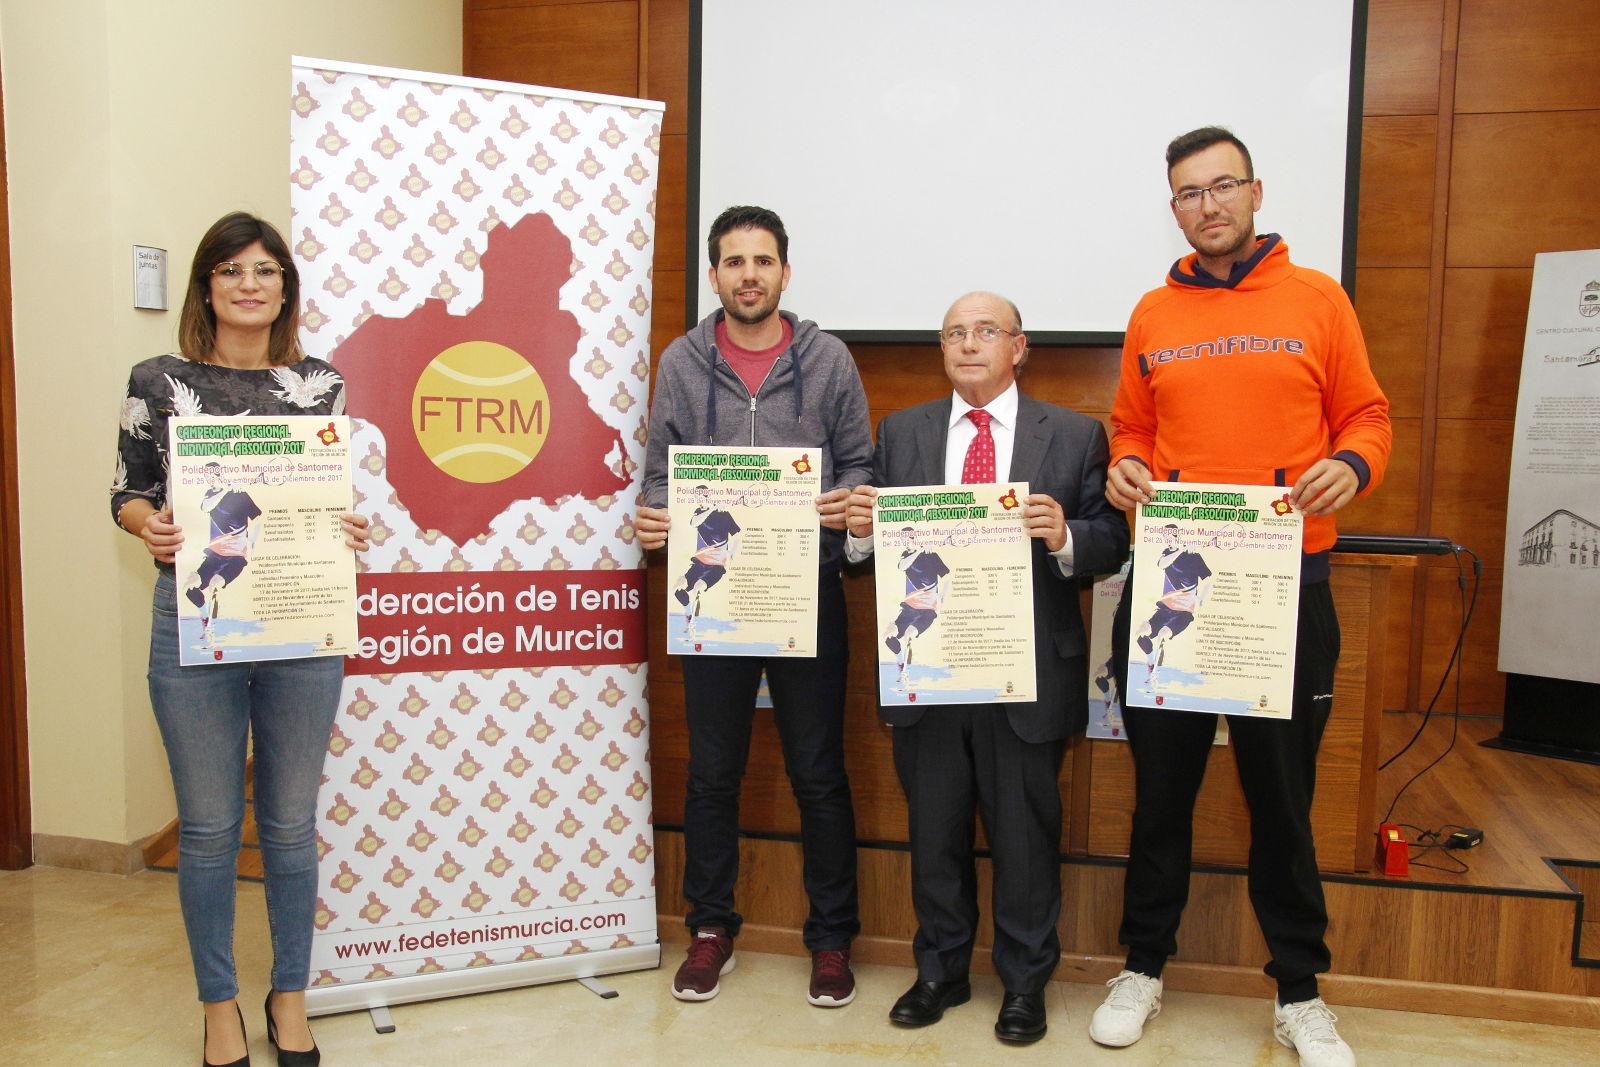 Presentacion Campeonato Regional de Tenis 2017